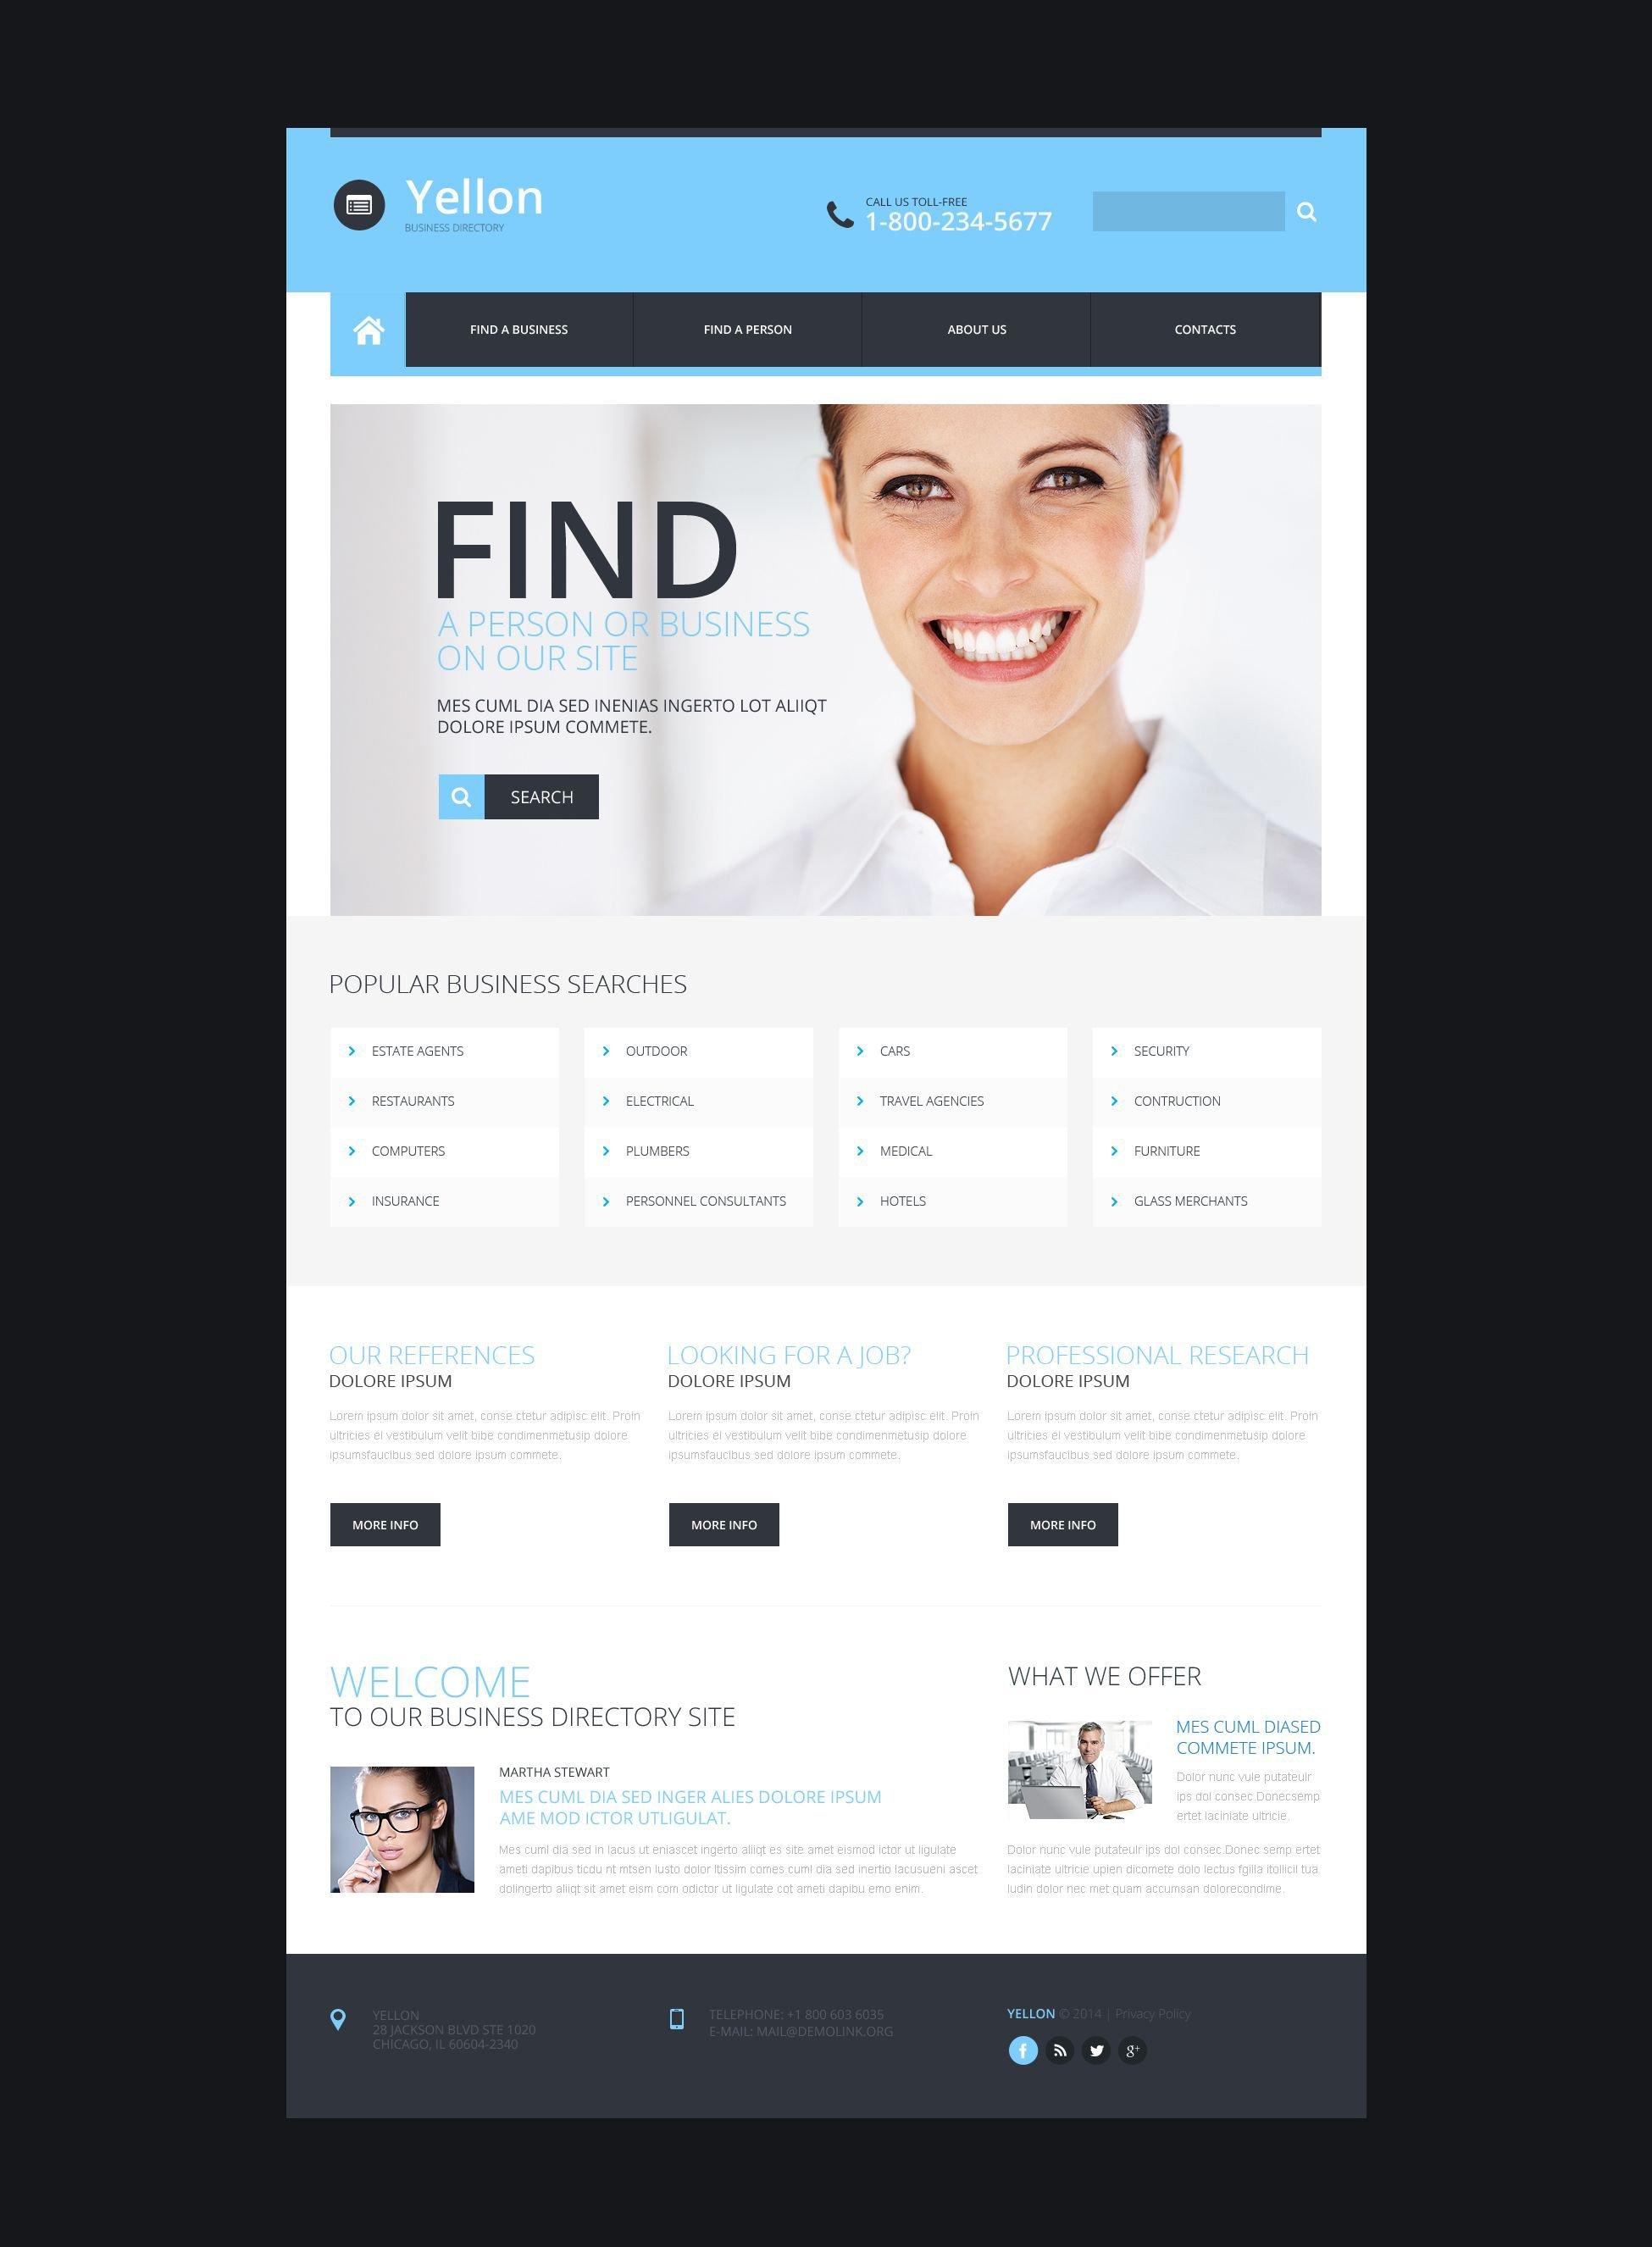 Reszponzív Üzlet és szolgáltatások Weboldal sablon 52280 - képernyőkép